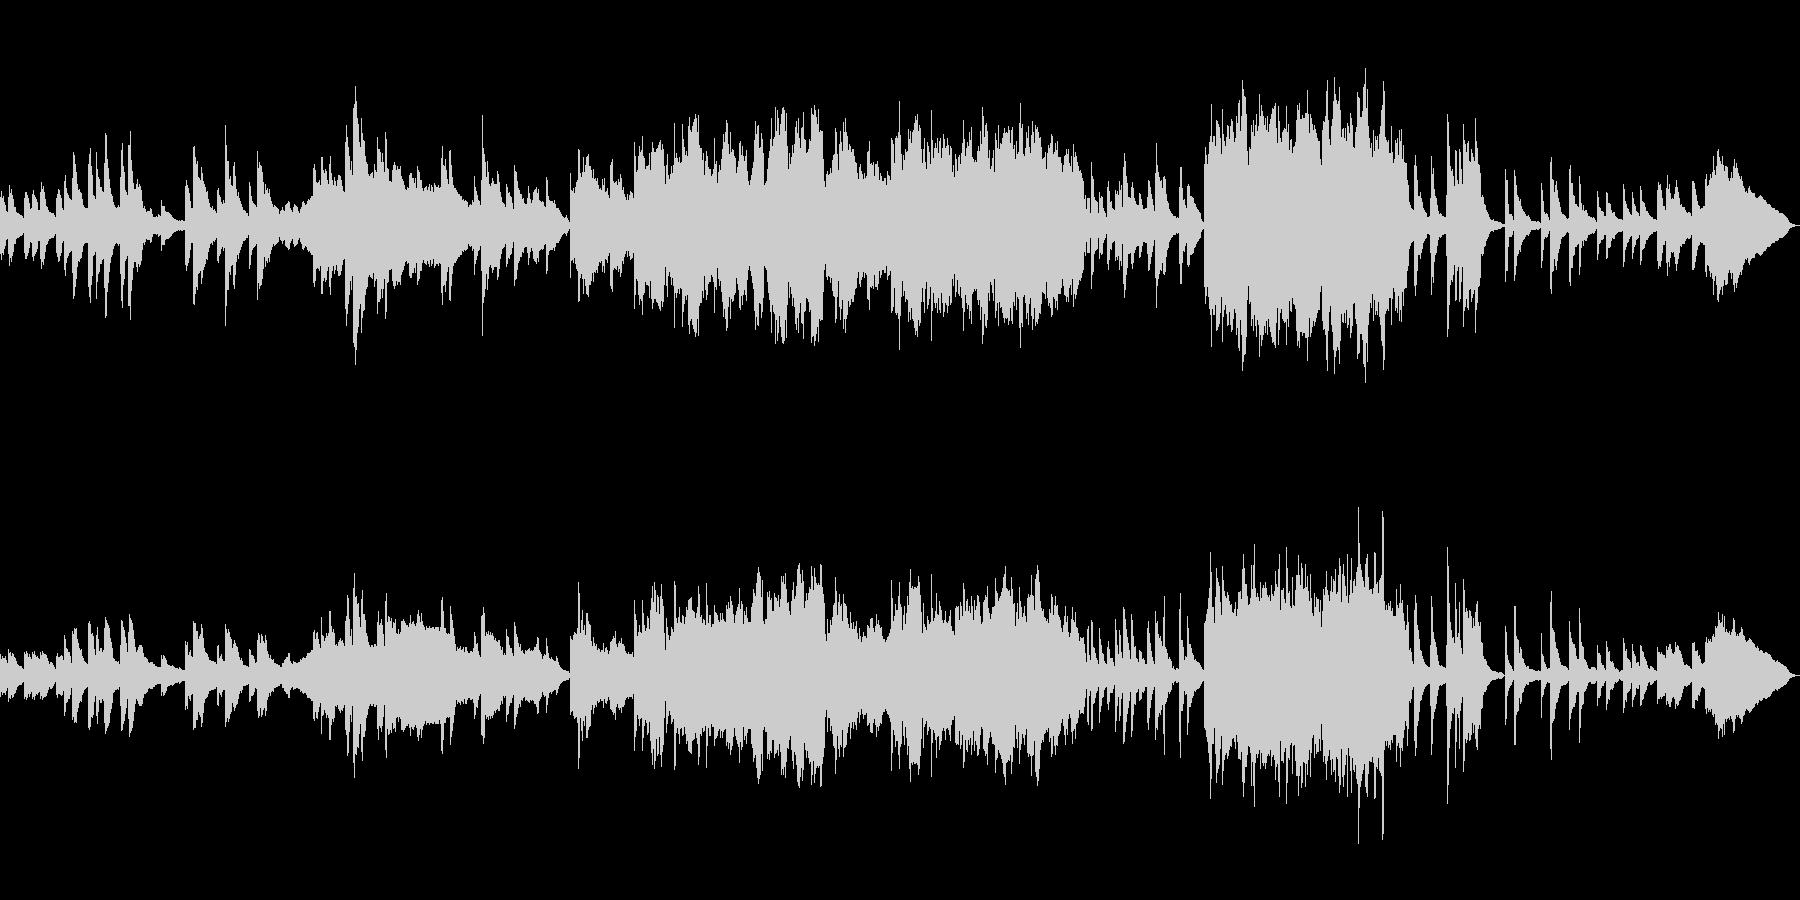 ピアノ・ヴァイオリン・チェロ三重奏の曲の未再生の波形